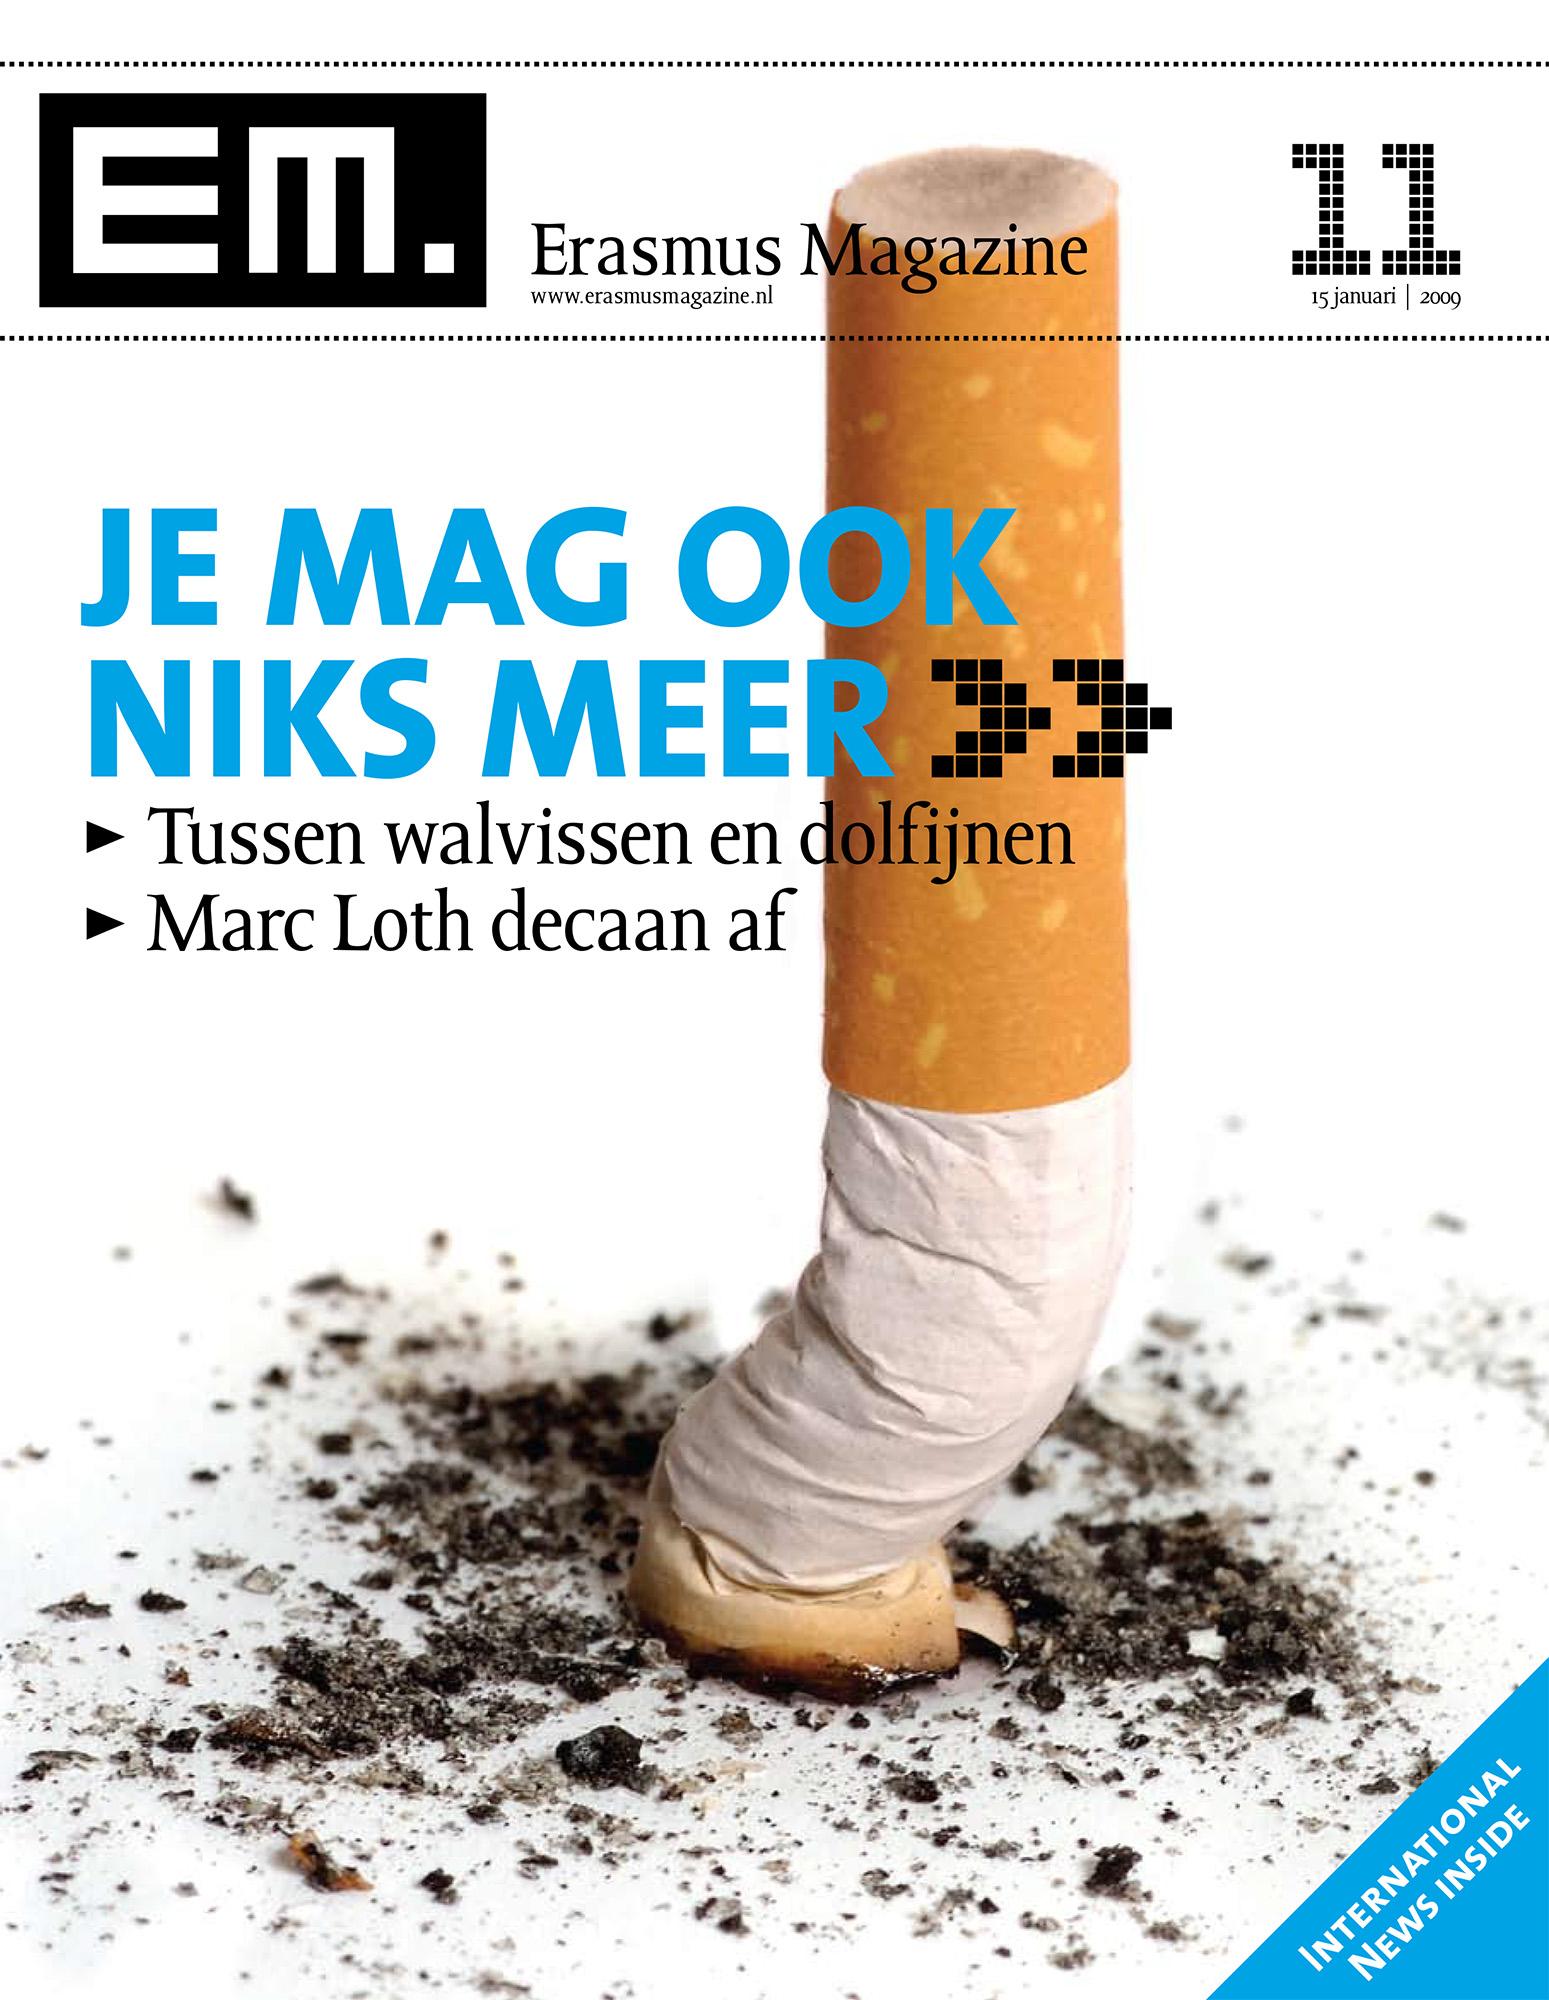 EM 11-1 copy